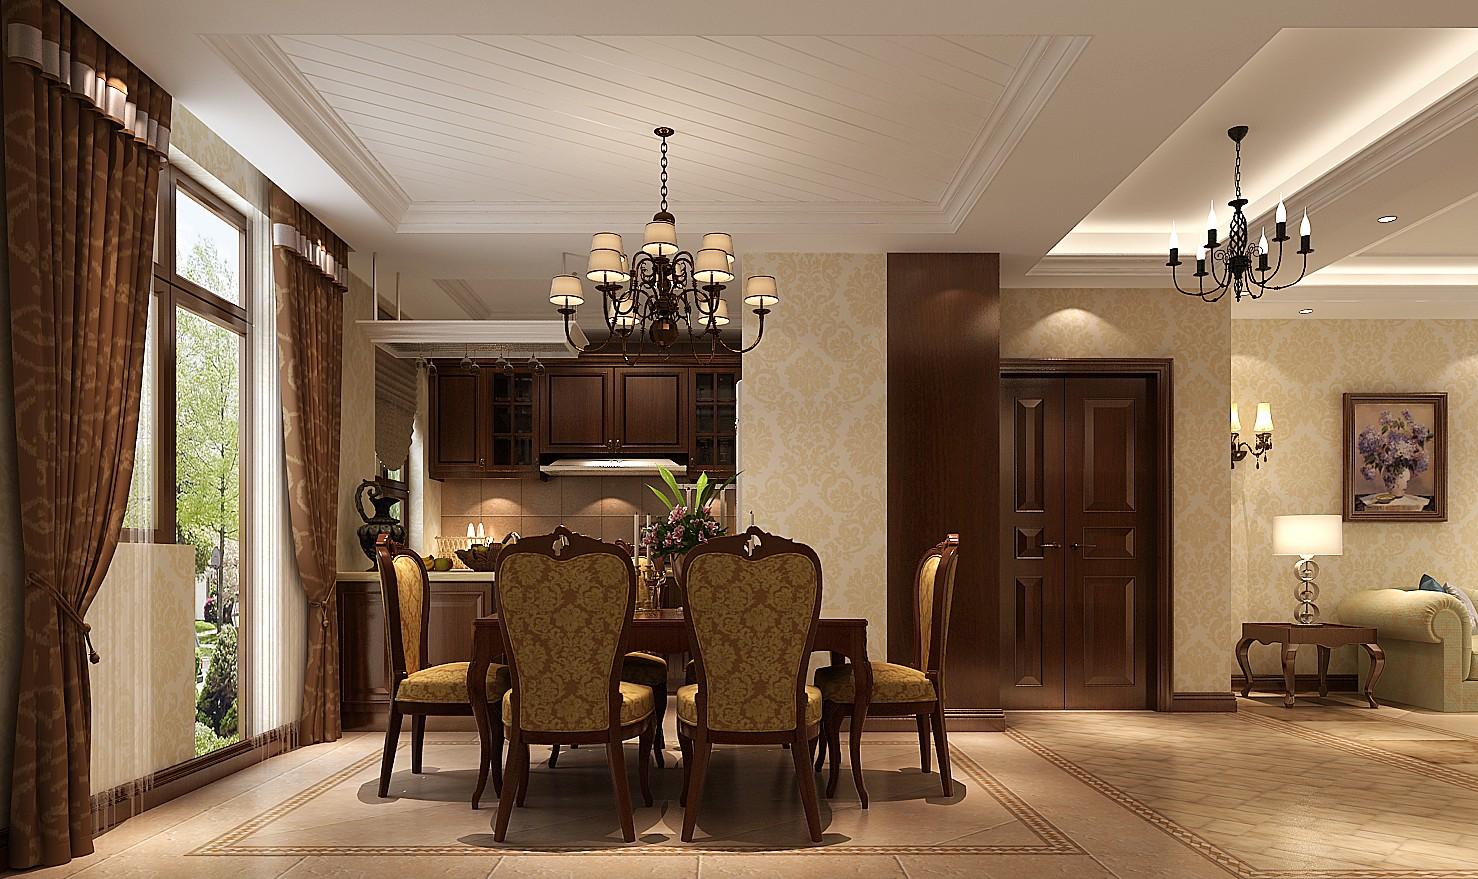 简约 现代 高度国际 三居 白领 80后 时尚 婚房 白富美 餐厅图片来自北京高度国际装饰设计在K2百合湾126平现代三居的分享